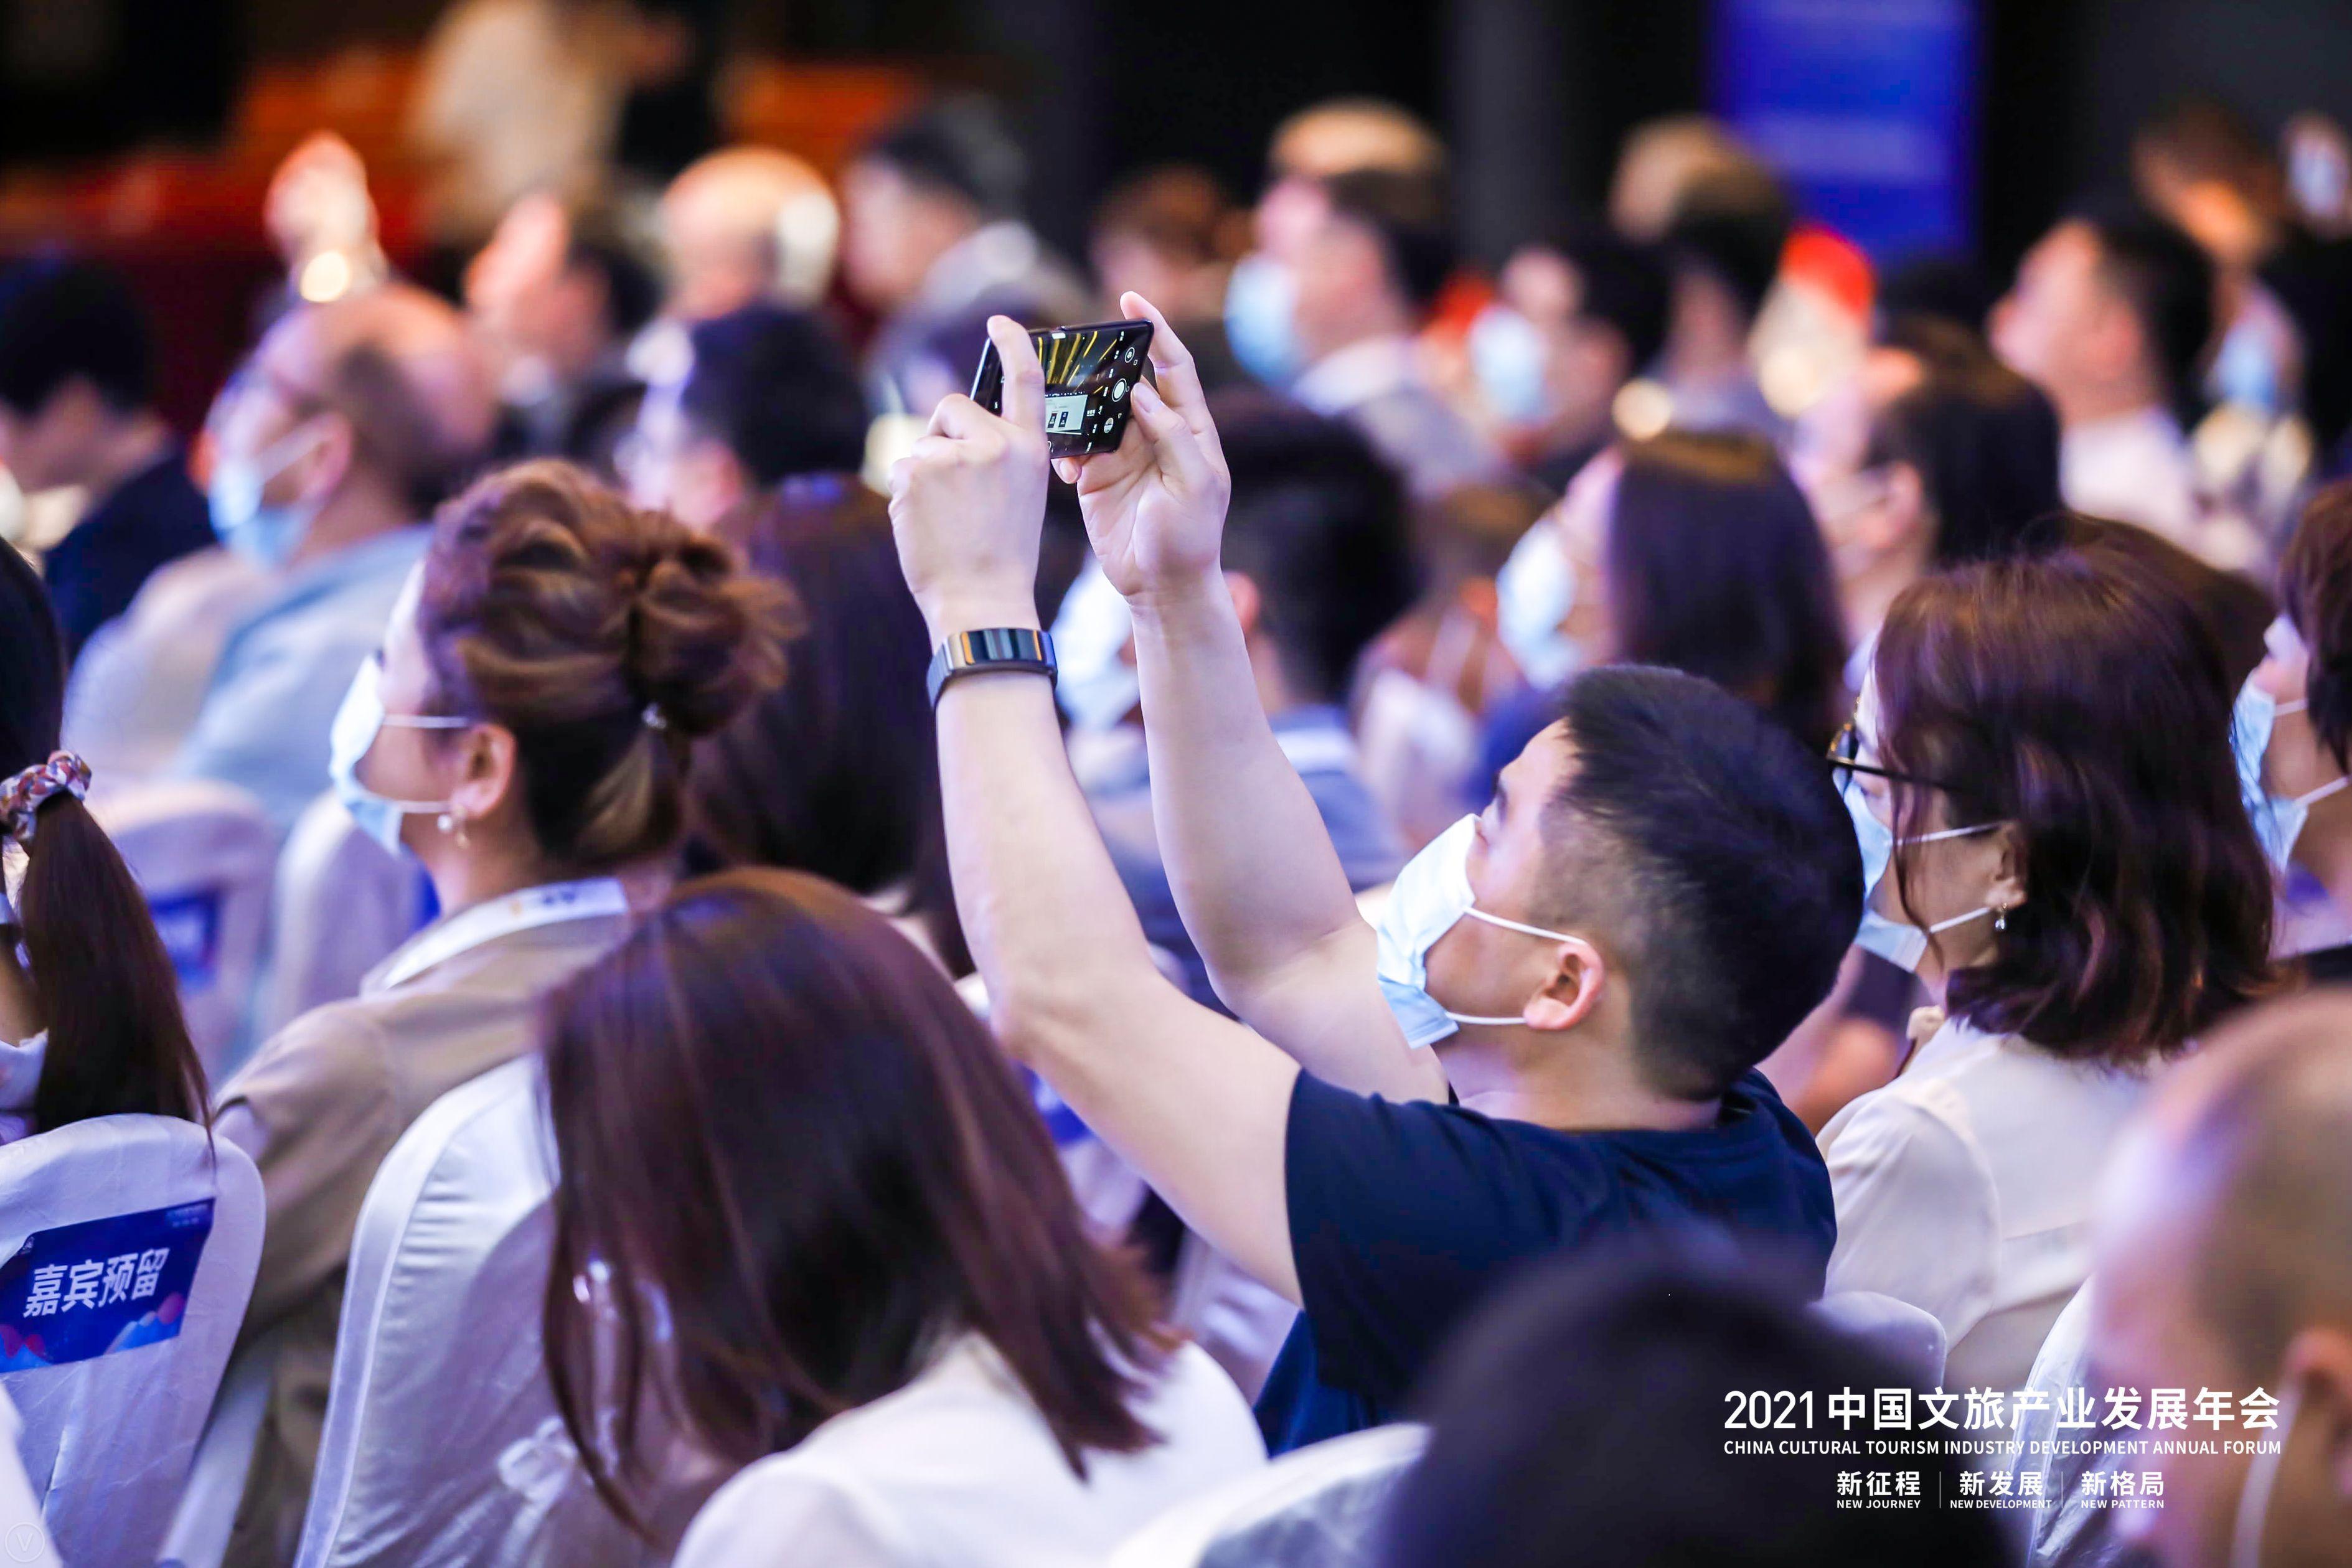 """建业新生活文旅运营公司荣获""""中国文旅行业履行社会责任优秀企业案例"""